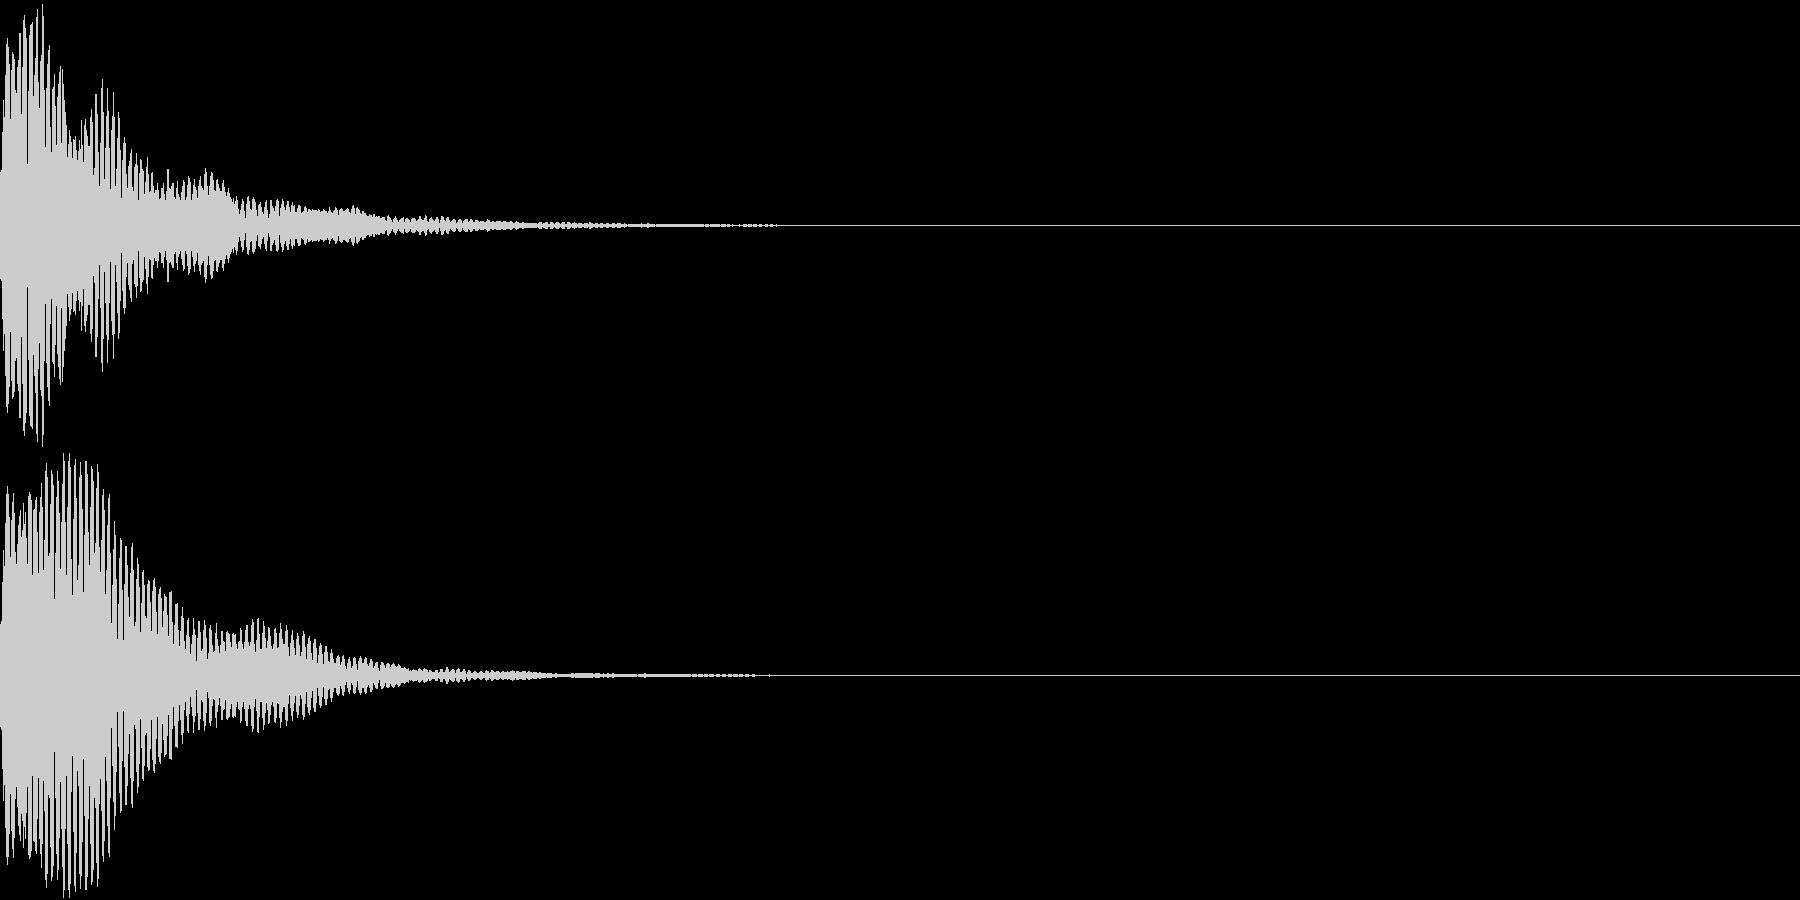 刀 キー 剣 リアル インパクト Mの未再生の波形